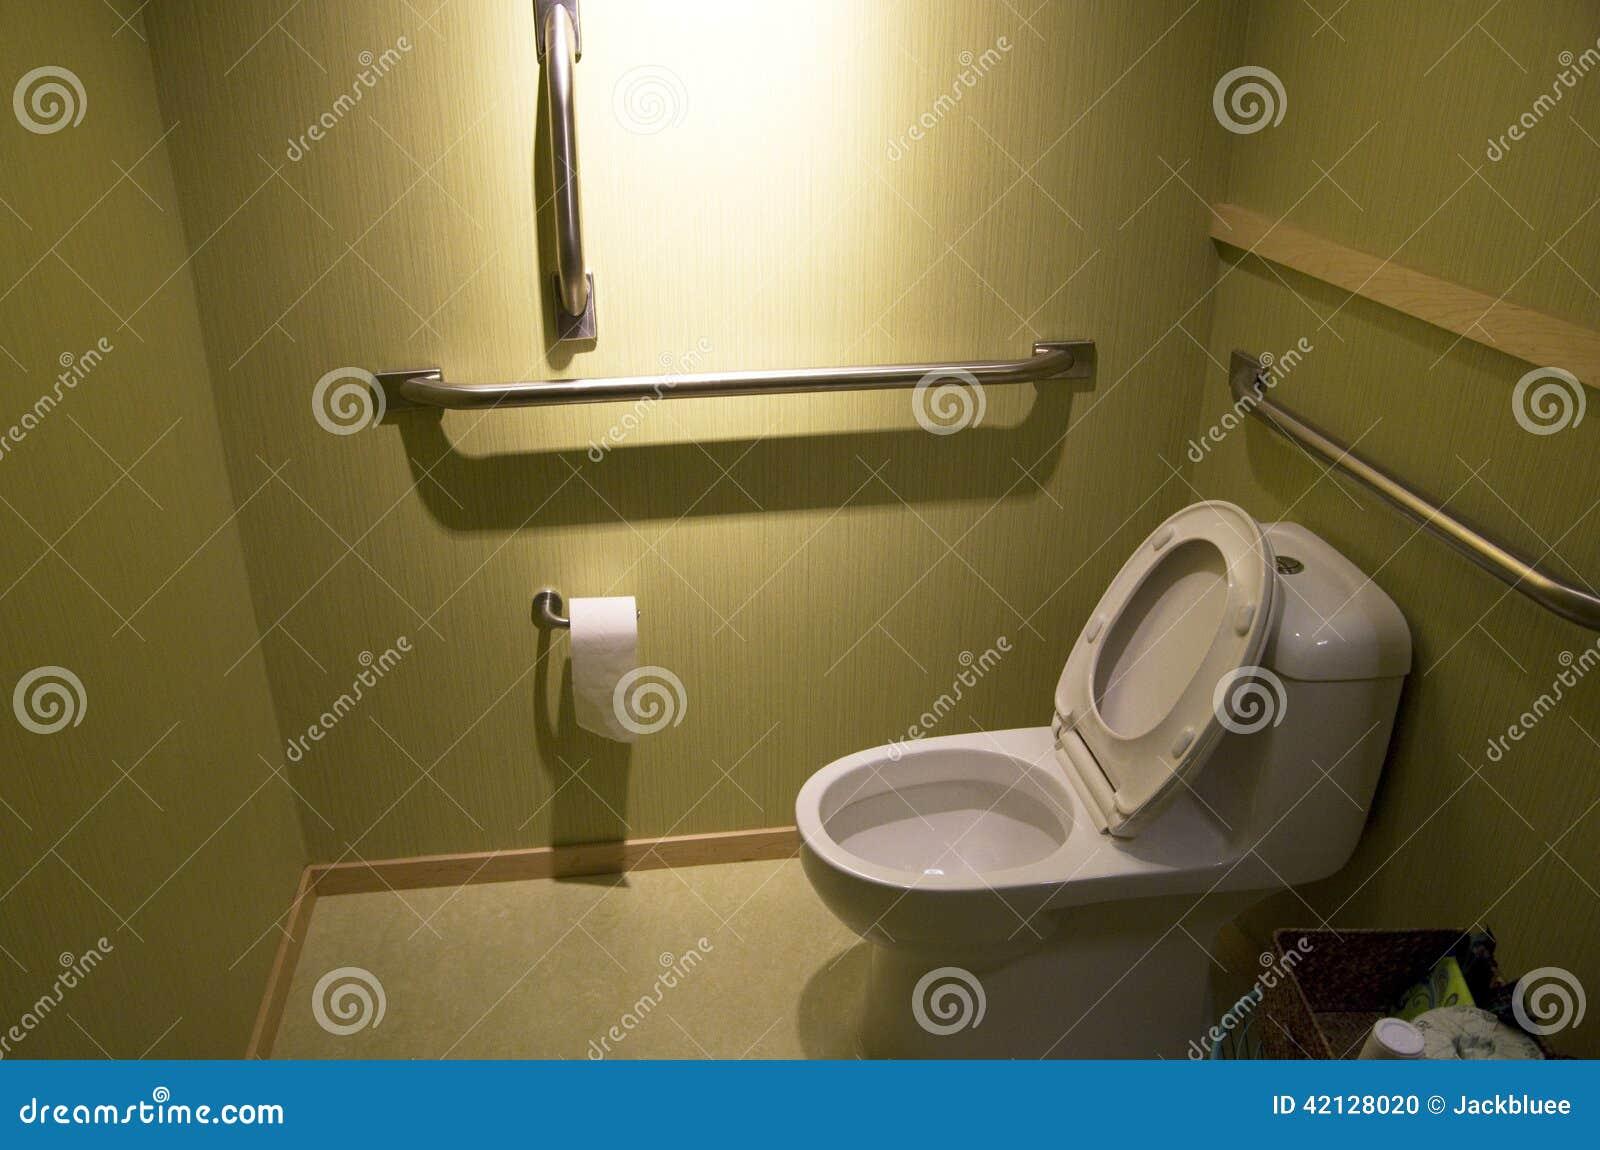 办公室卫生间的简单设计.图片